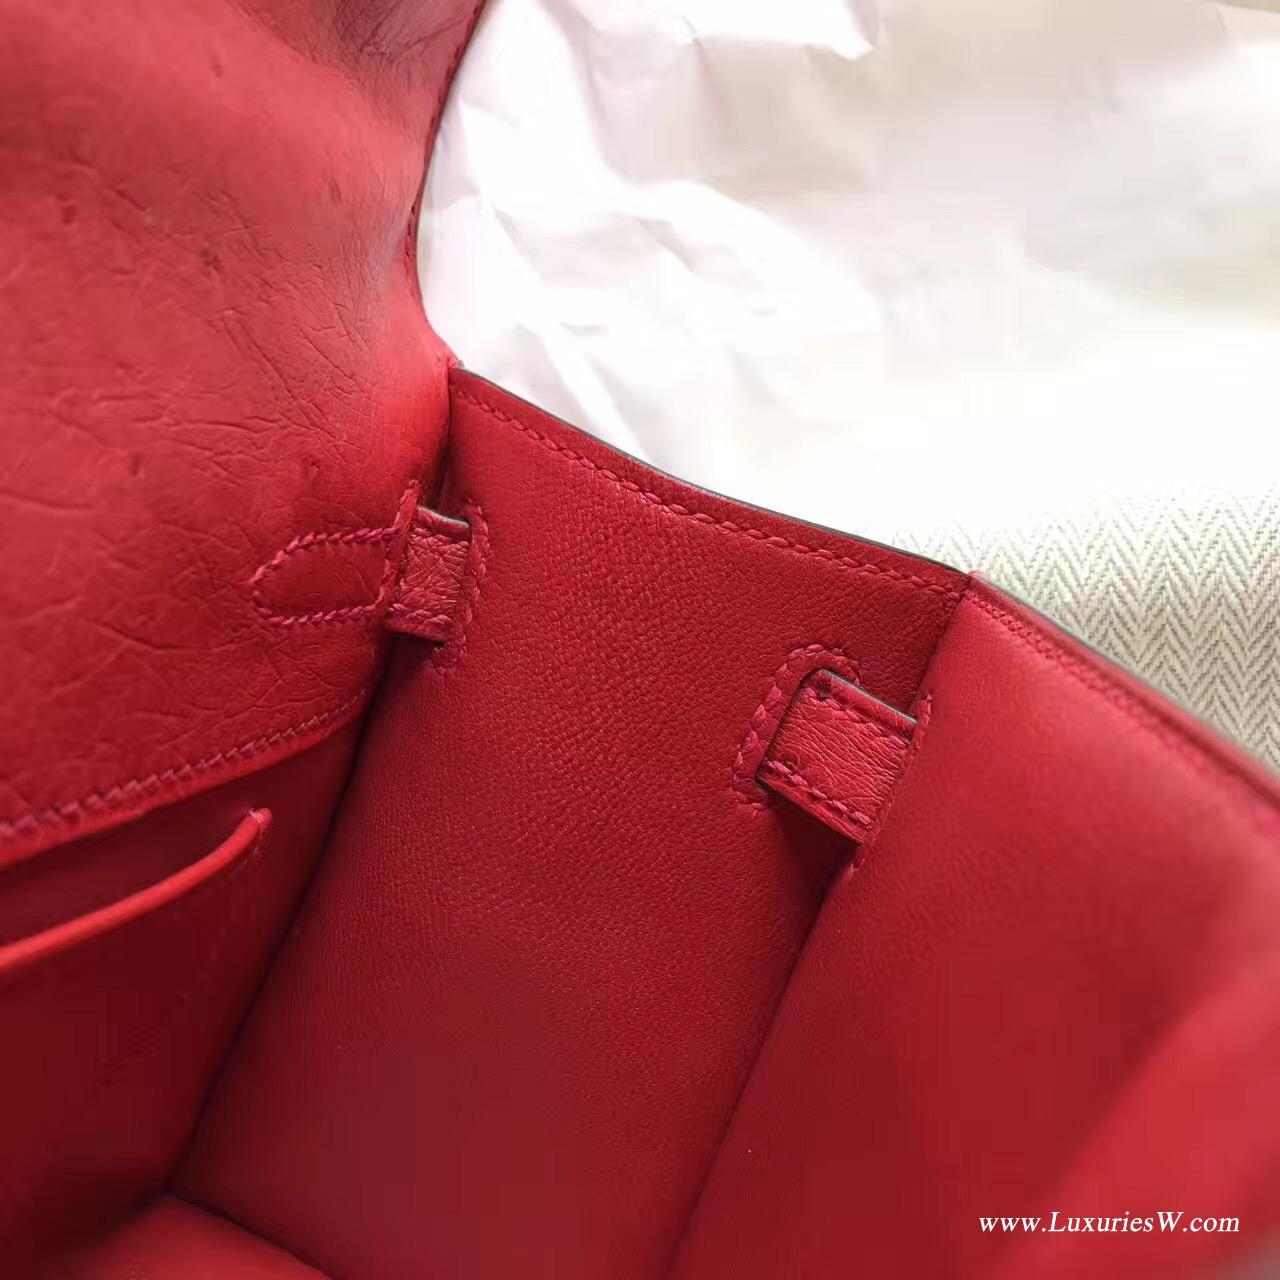 愛馬仕Hermes Minikelly壹代 Q5 Rouge Cossacks中国红鸵鸟 可爱迷人 银色金属